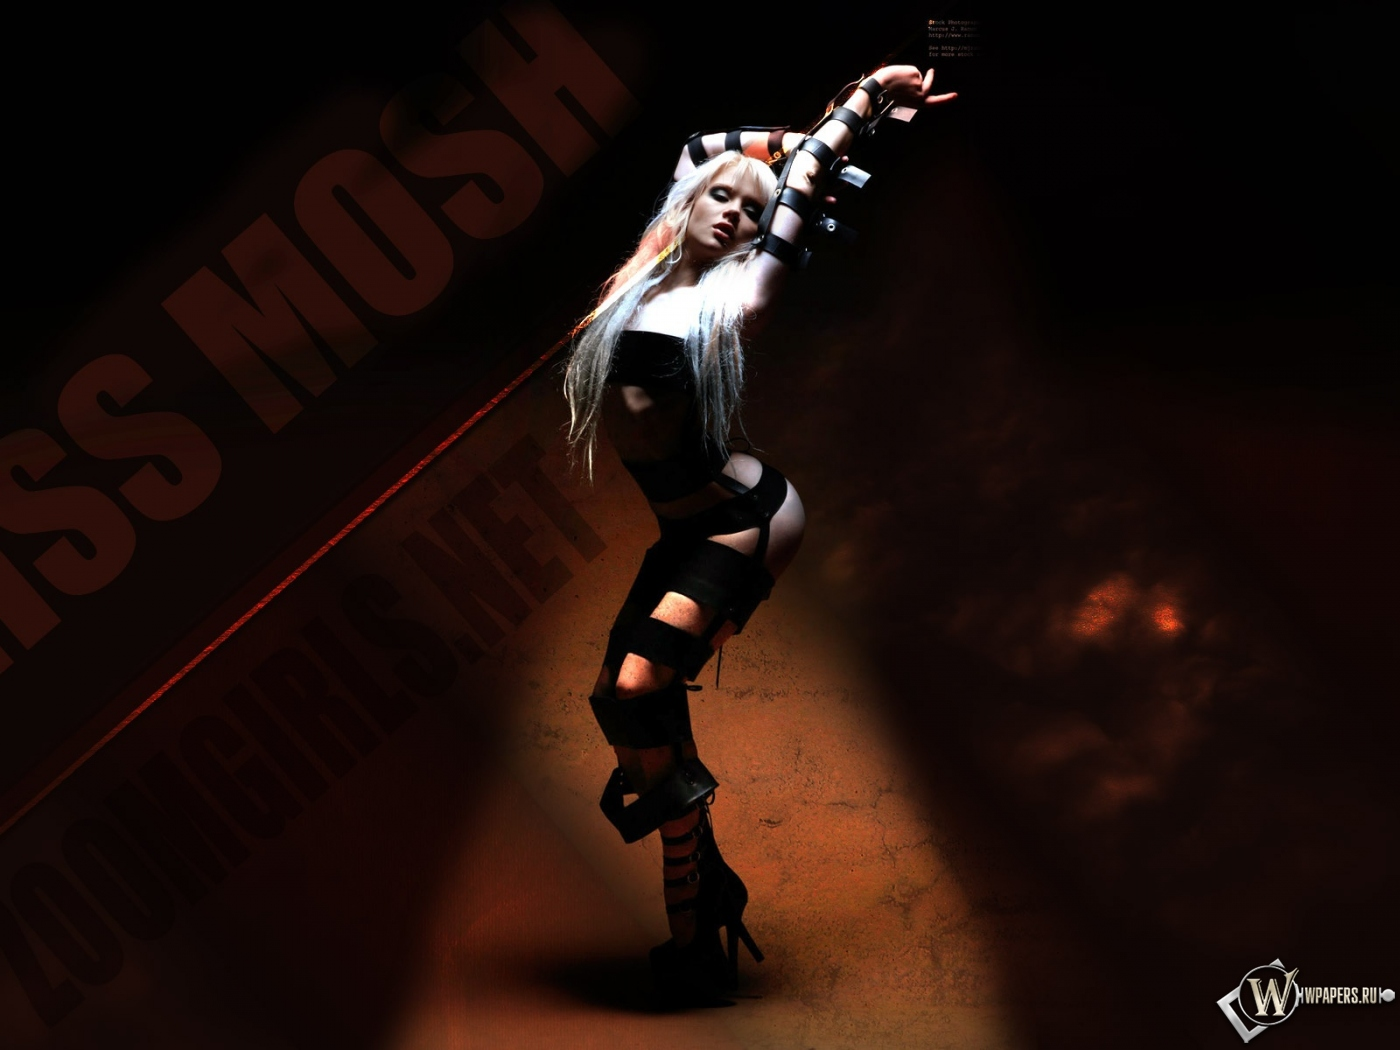 Miss Mosh 1400x1050